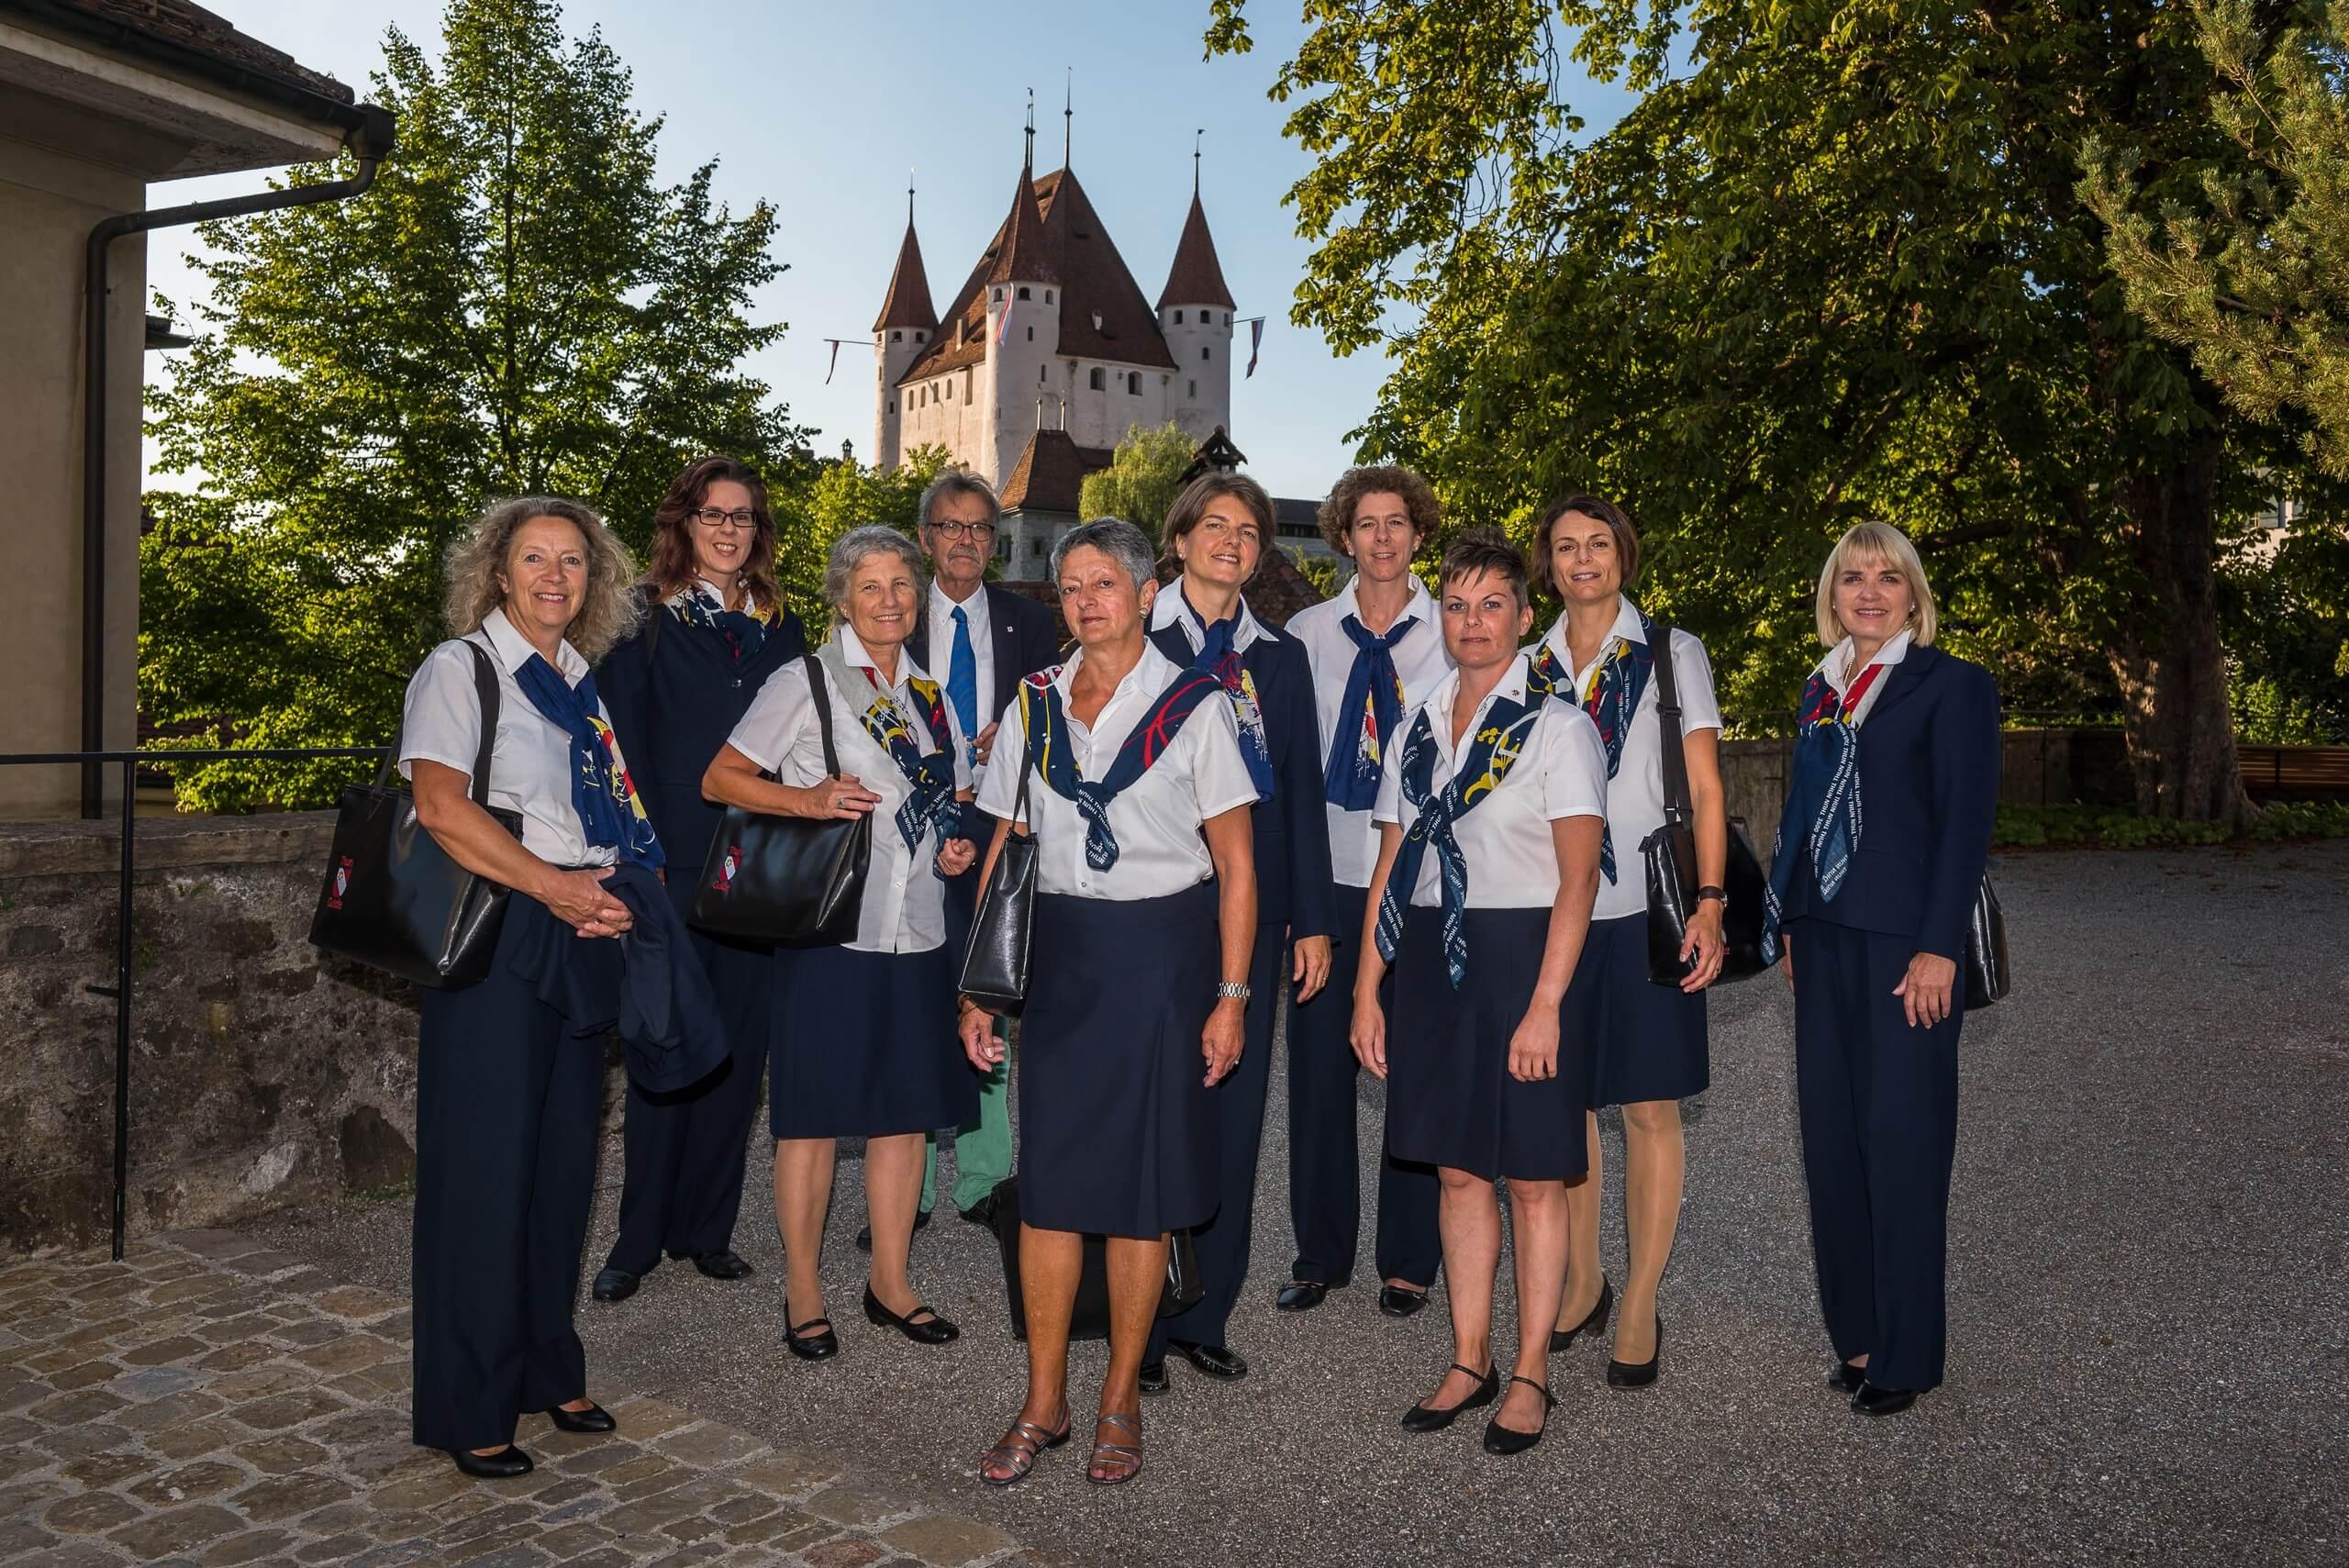 thun-stadtfuehrungen-sommer-schlossberg-teamfoto-schlossfuehrung